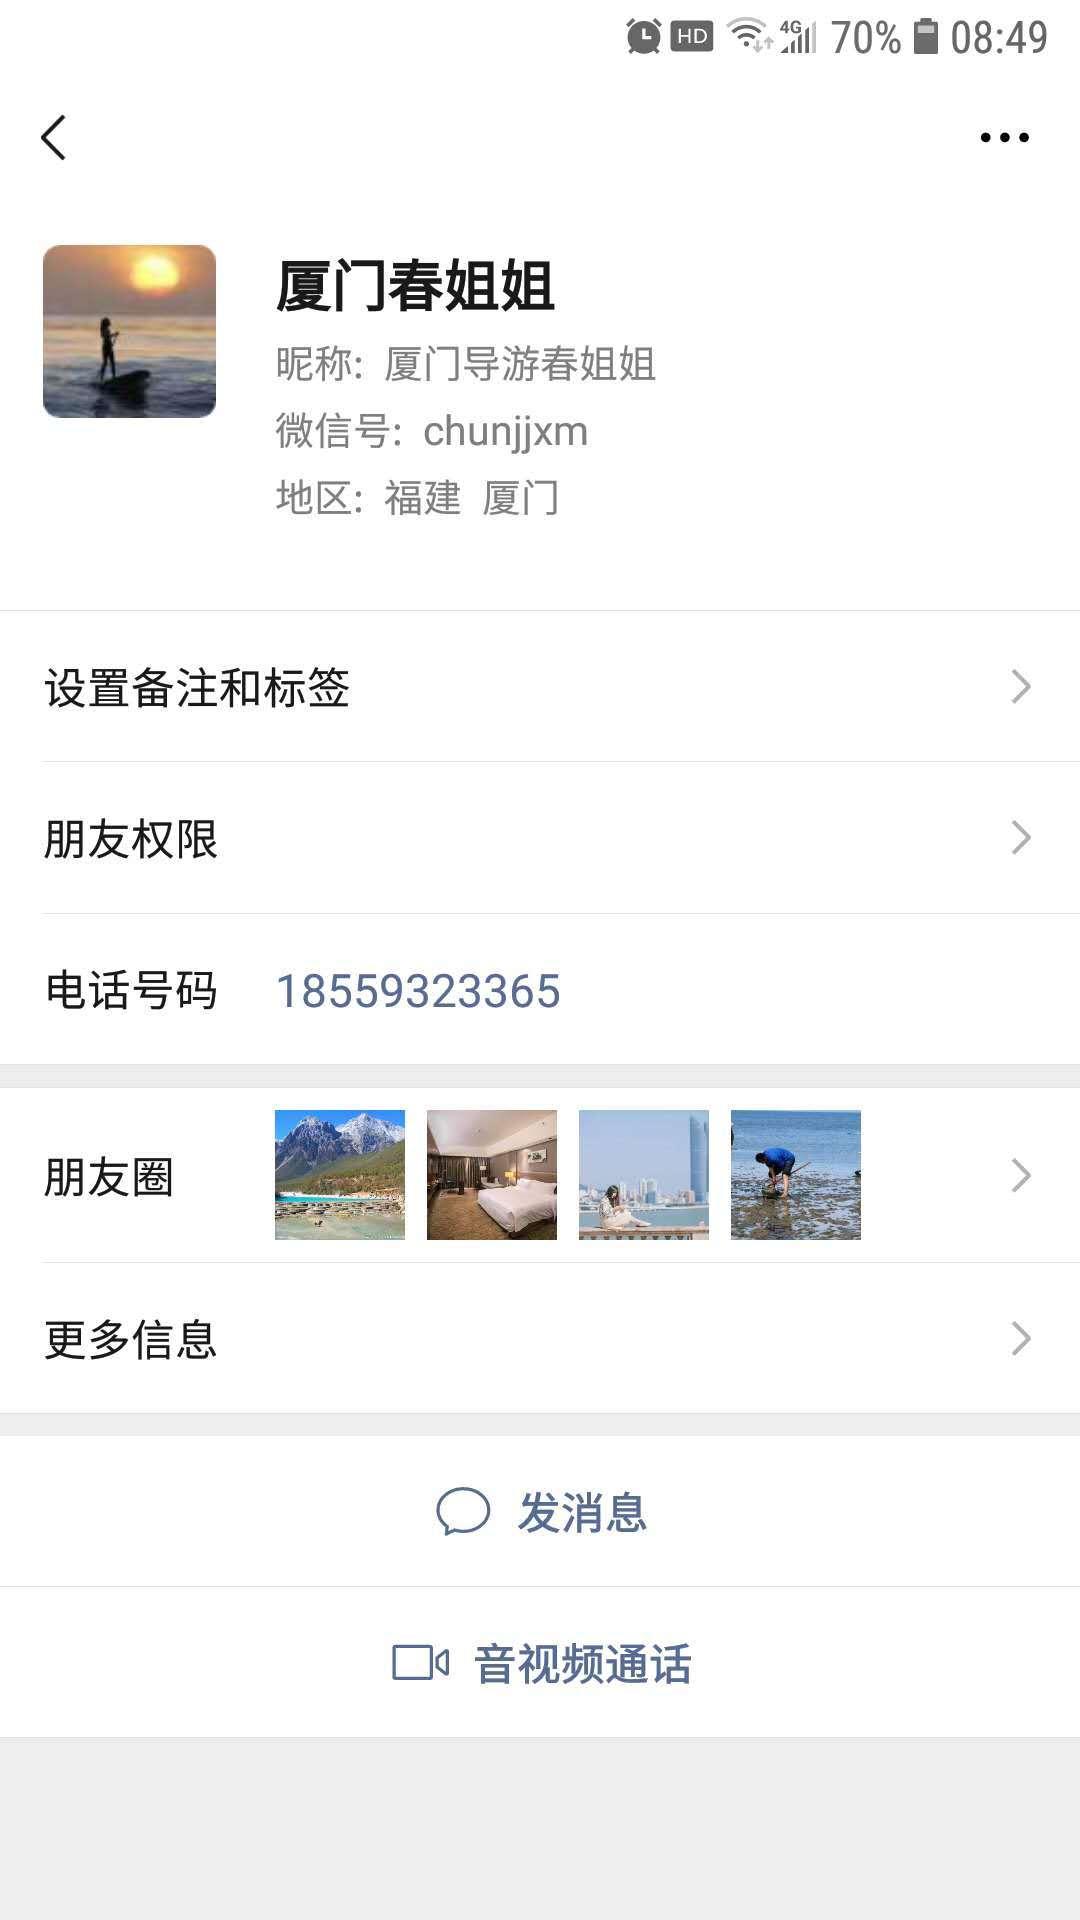 厦门必去的十大旅游景点排名排行榜,厦门本地知名导游介绍旅游线路私人定制